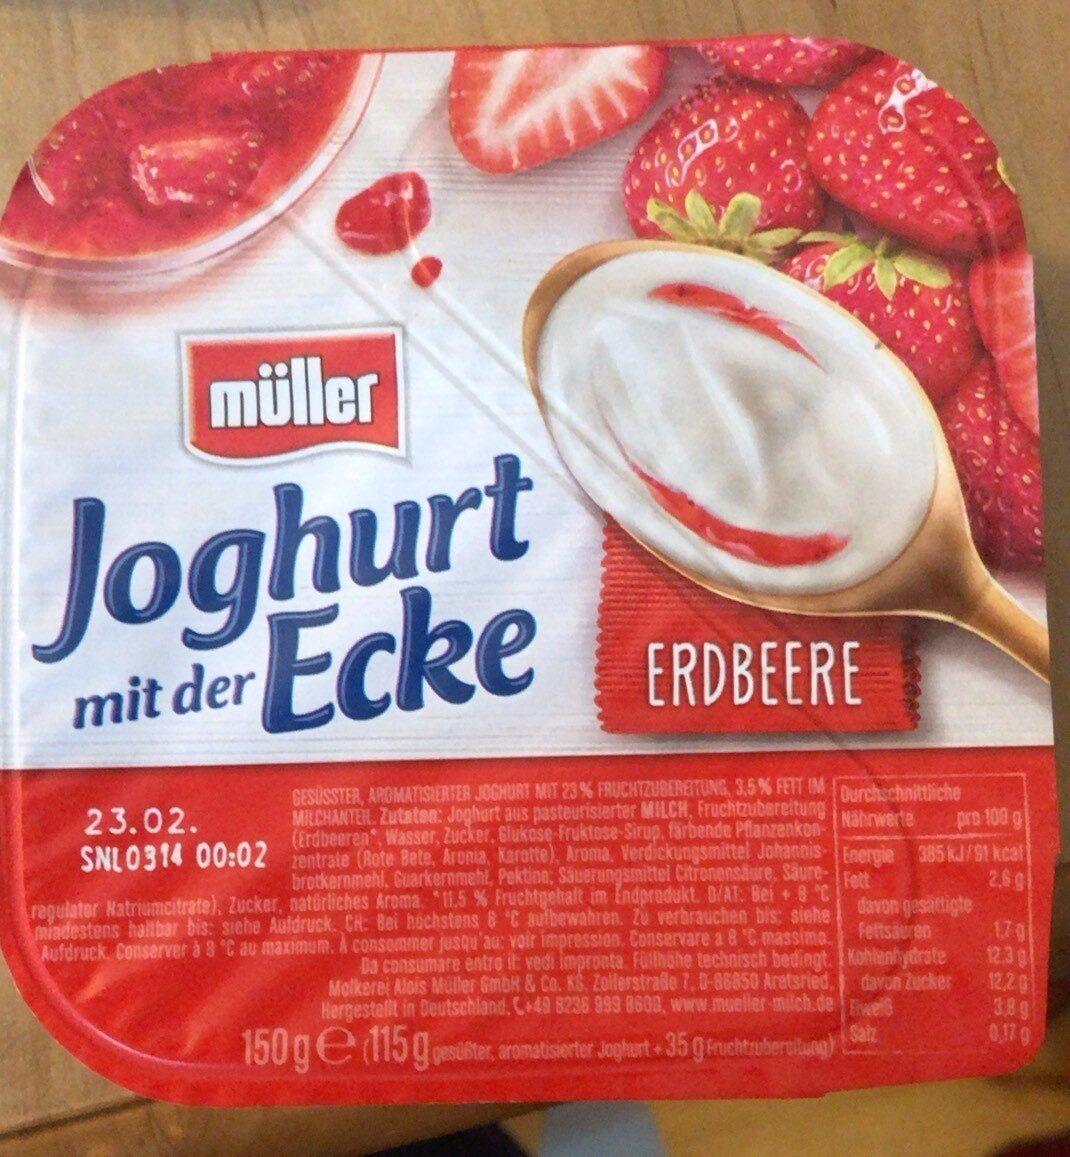 Joghurt mit der Ecke, Erdbeere - Produit - de